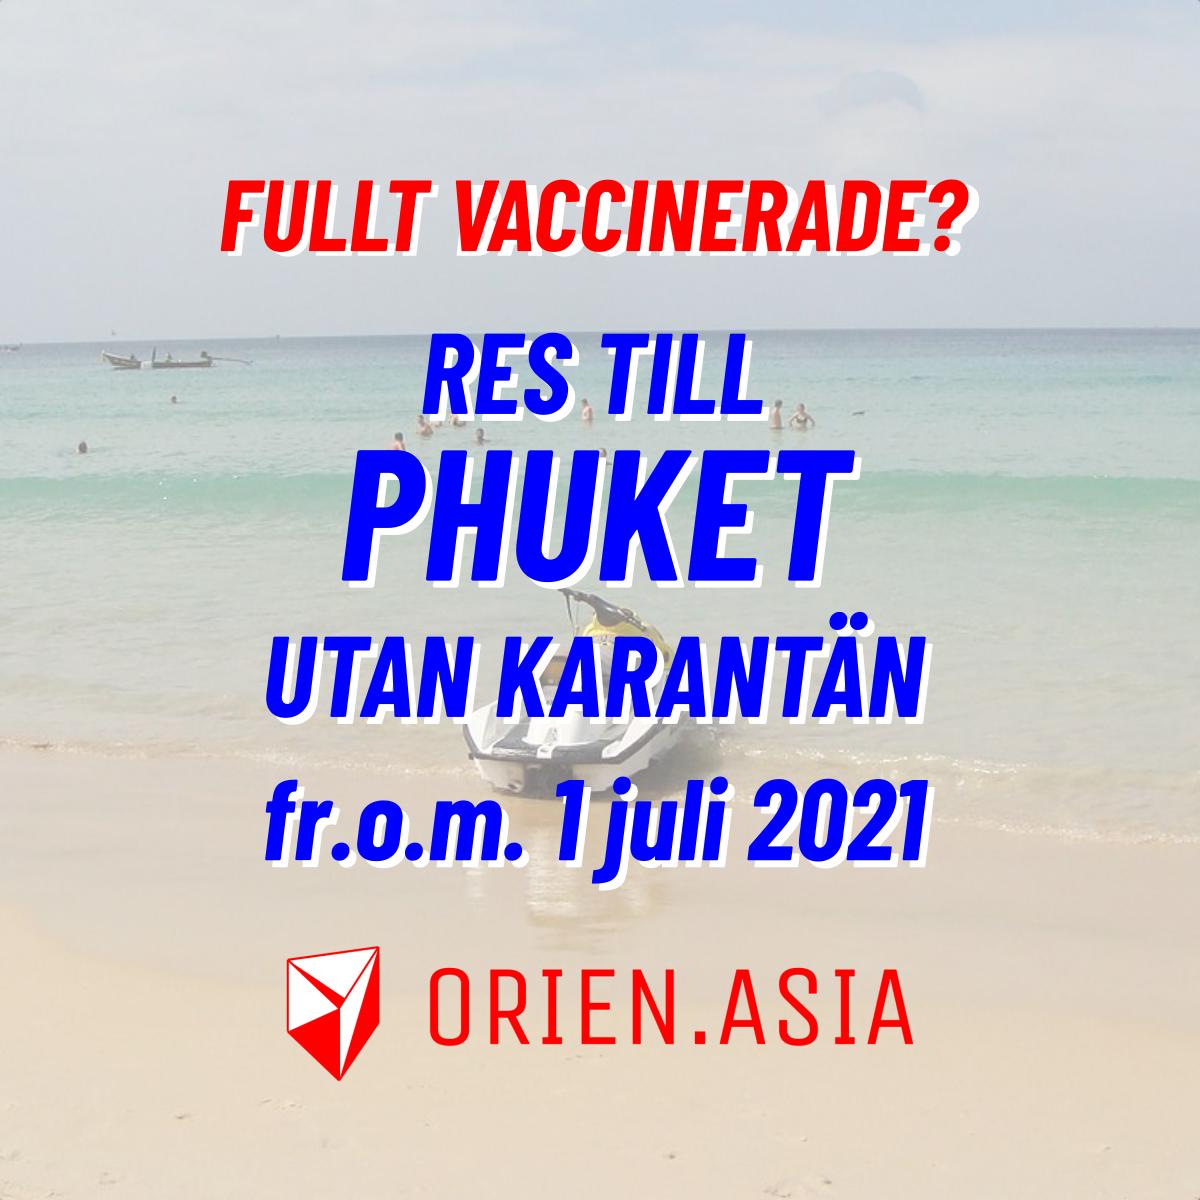 Res till Thailand - du som är fullt vaccinerad slipper karantän fr.o.m. 1 juli 2021